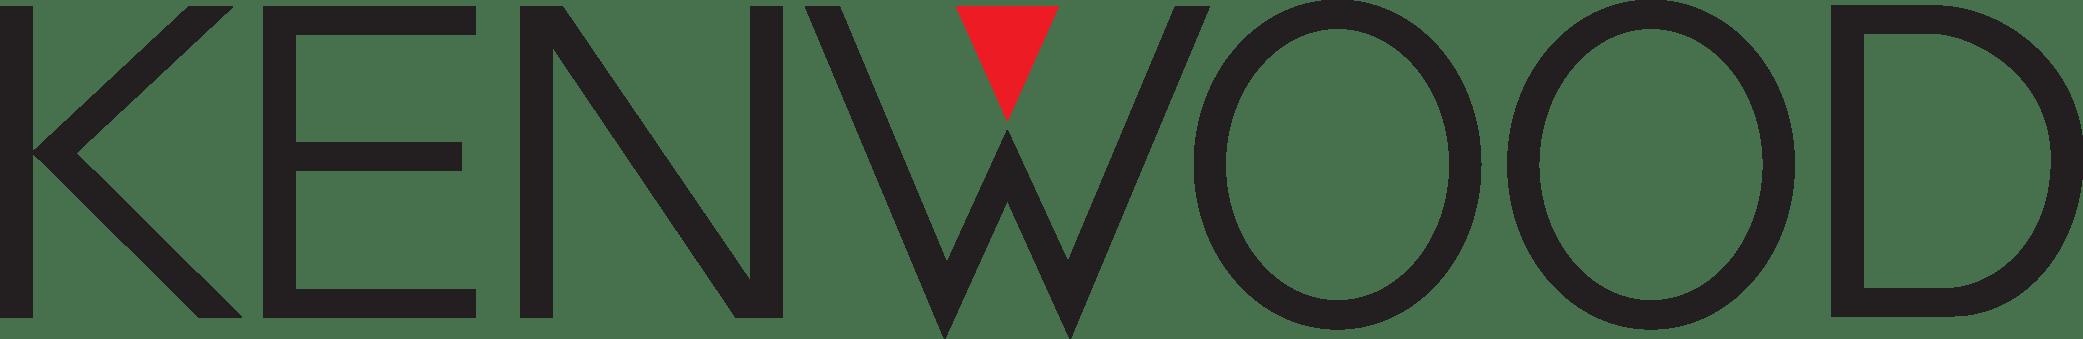 Kenwood Logo png